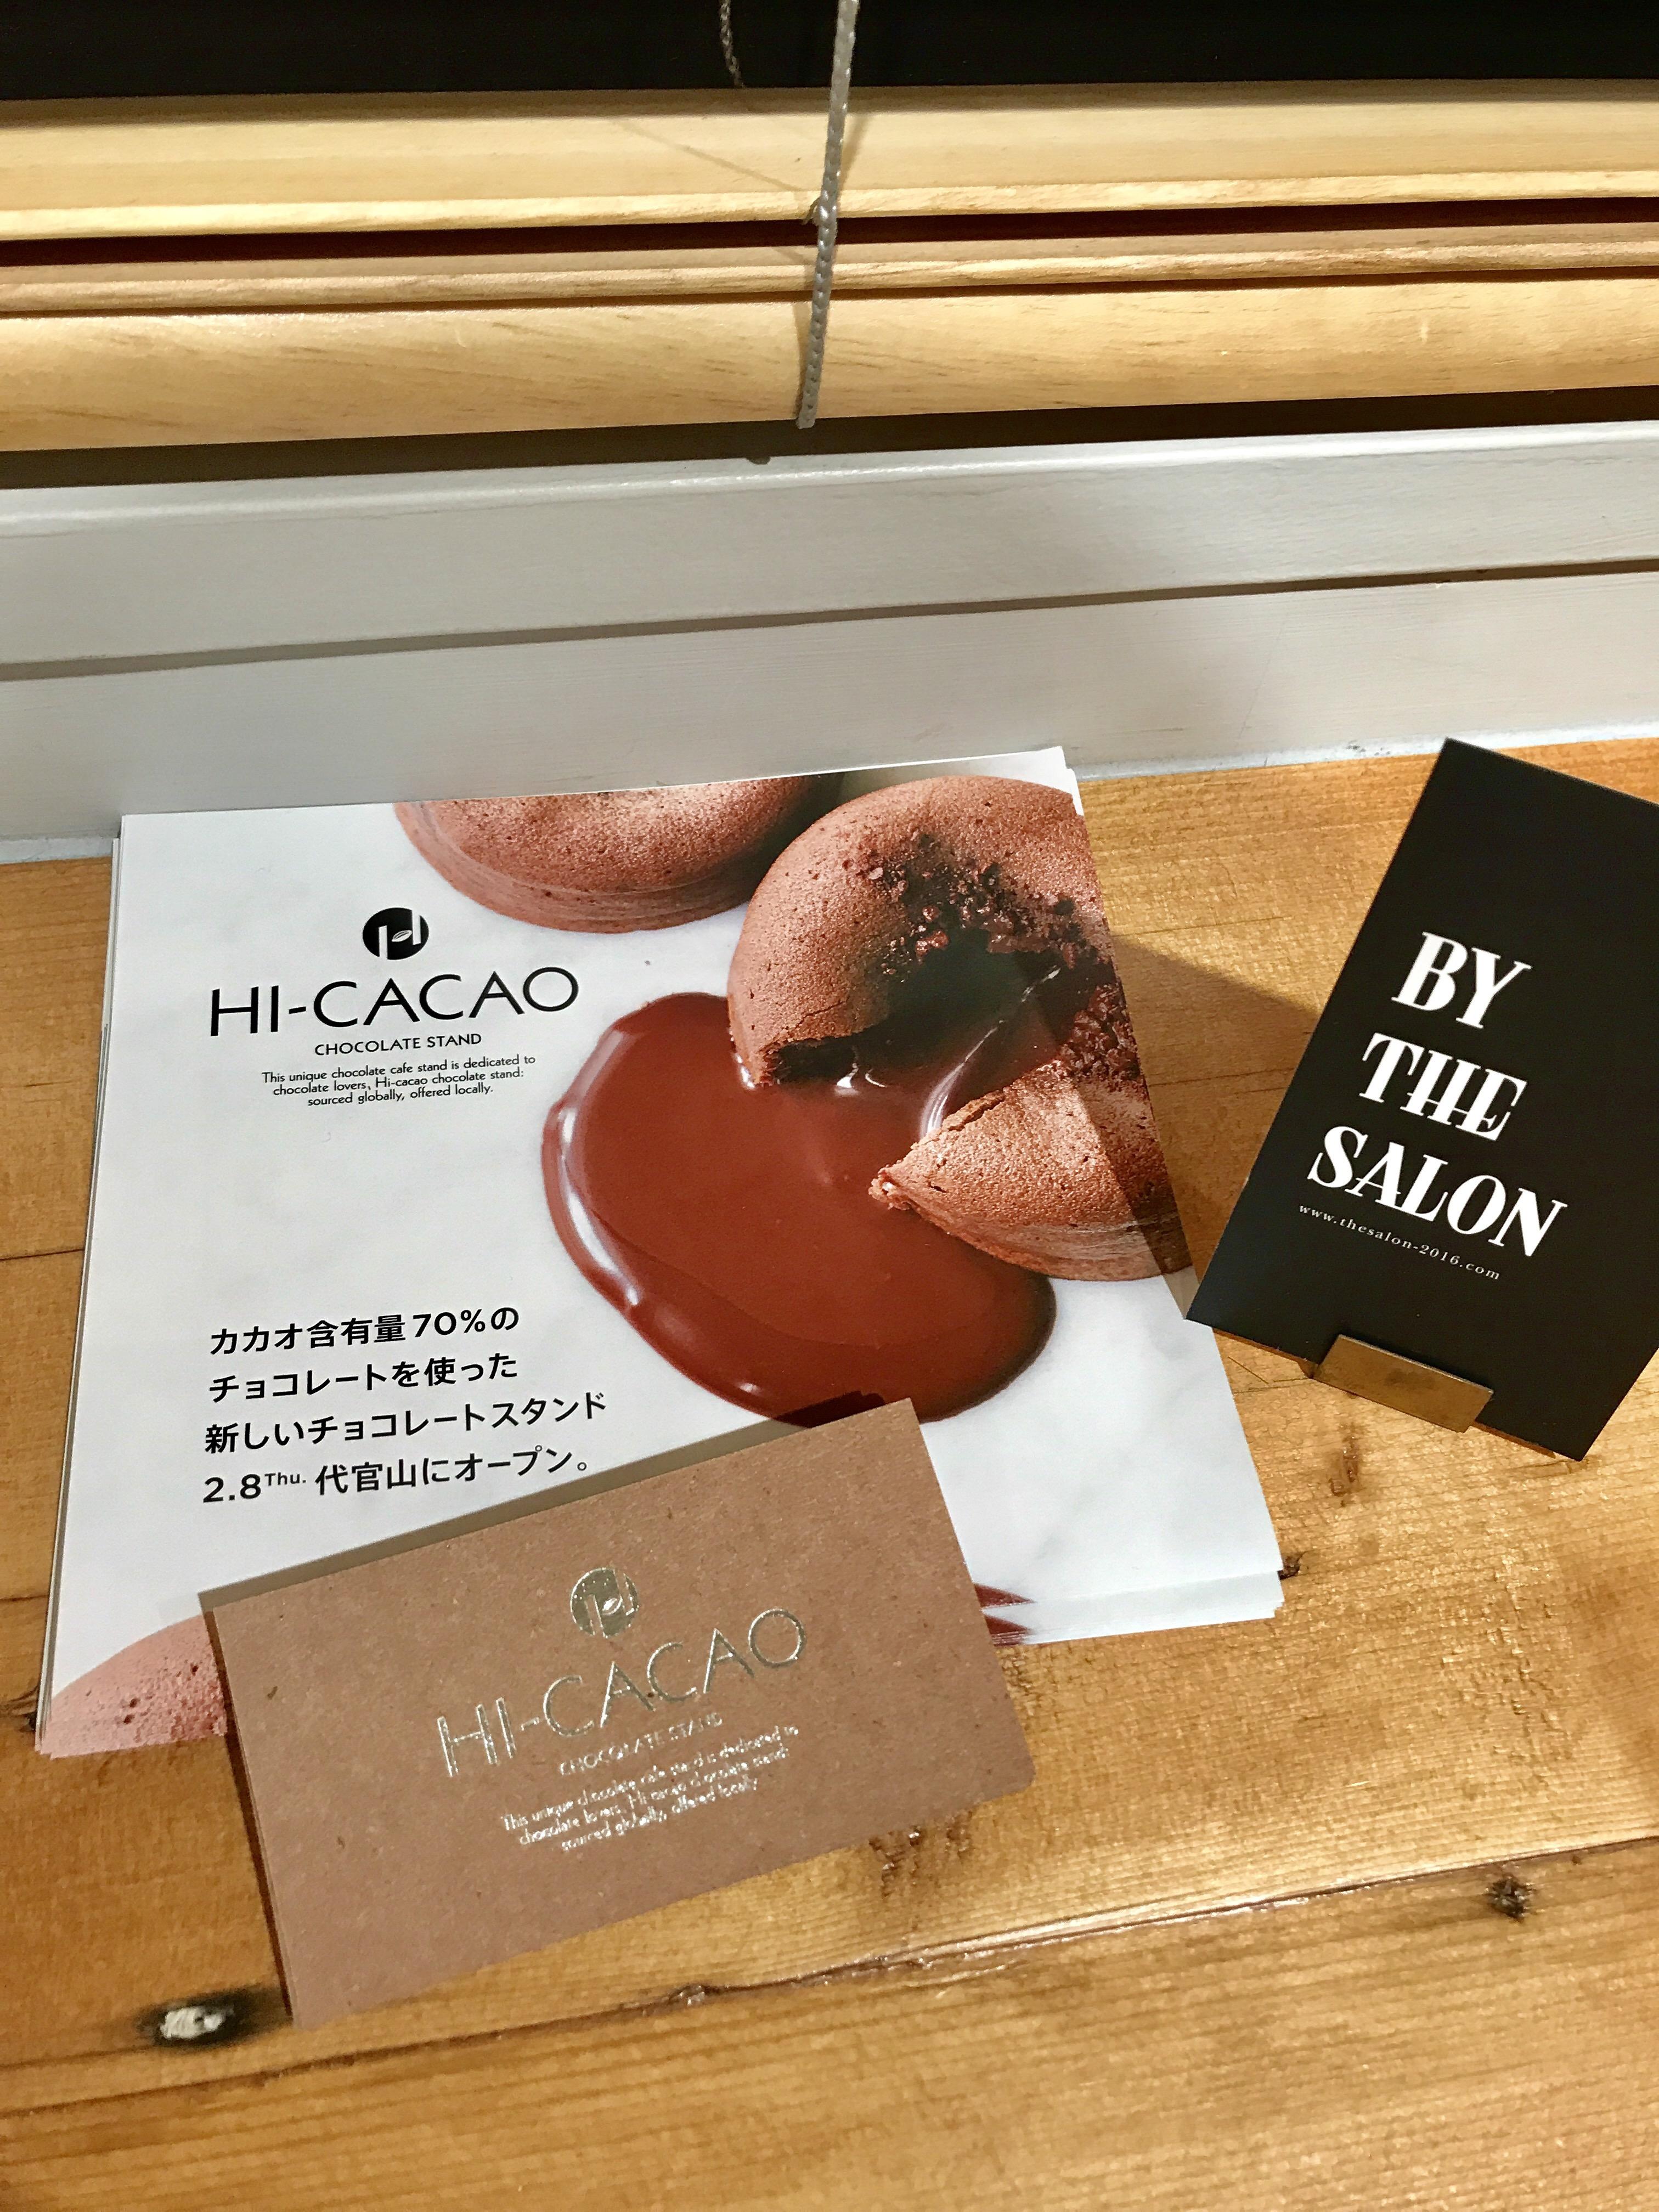 ☆開店 ハイカカオチョコレートスタンド☆